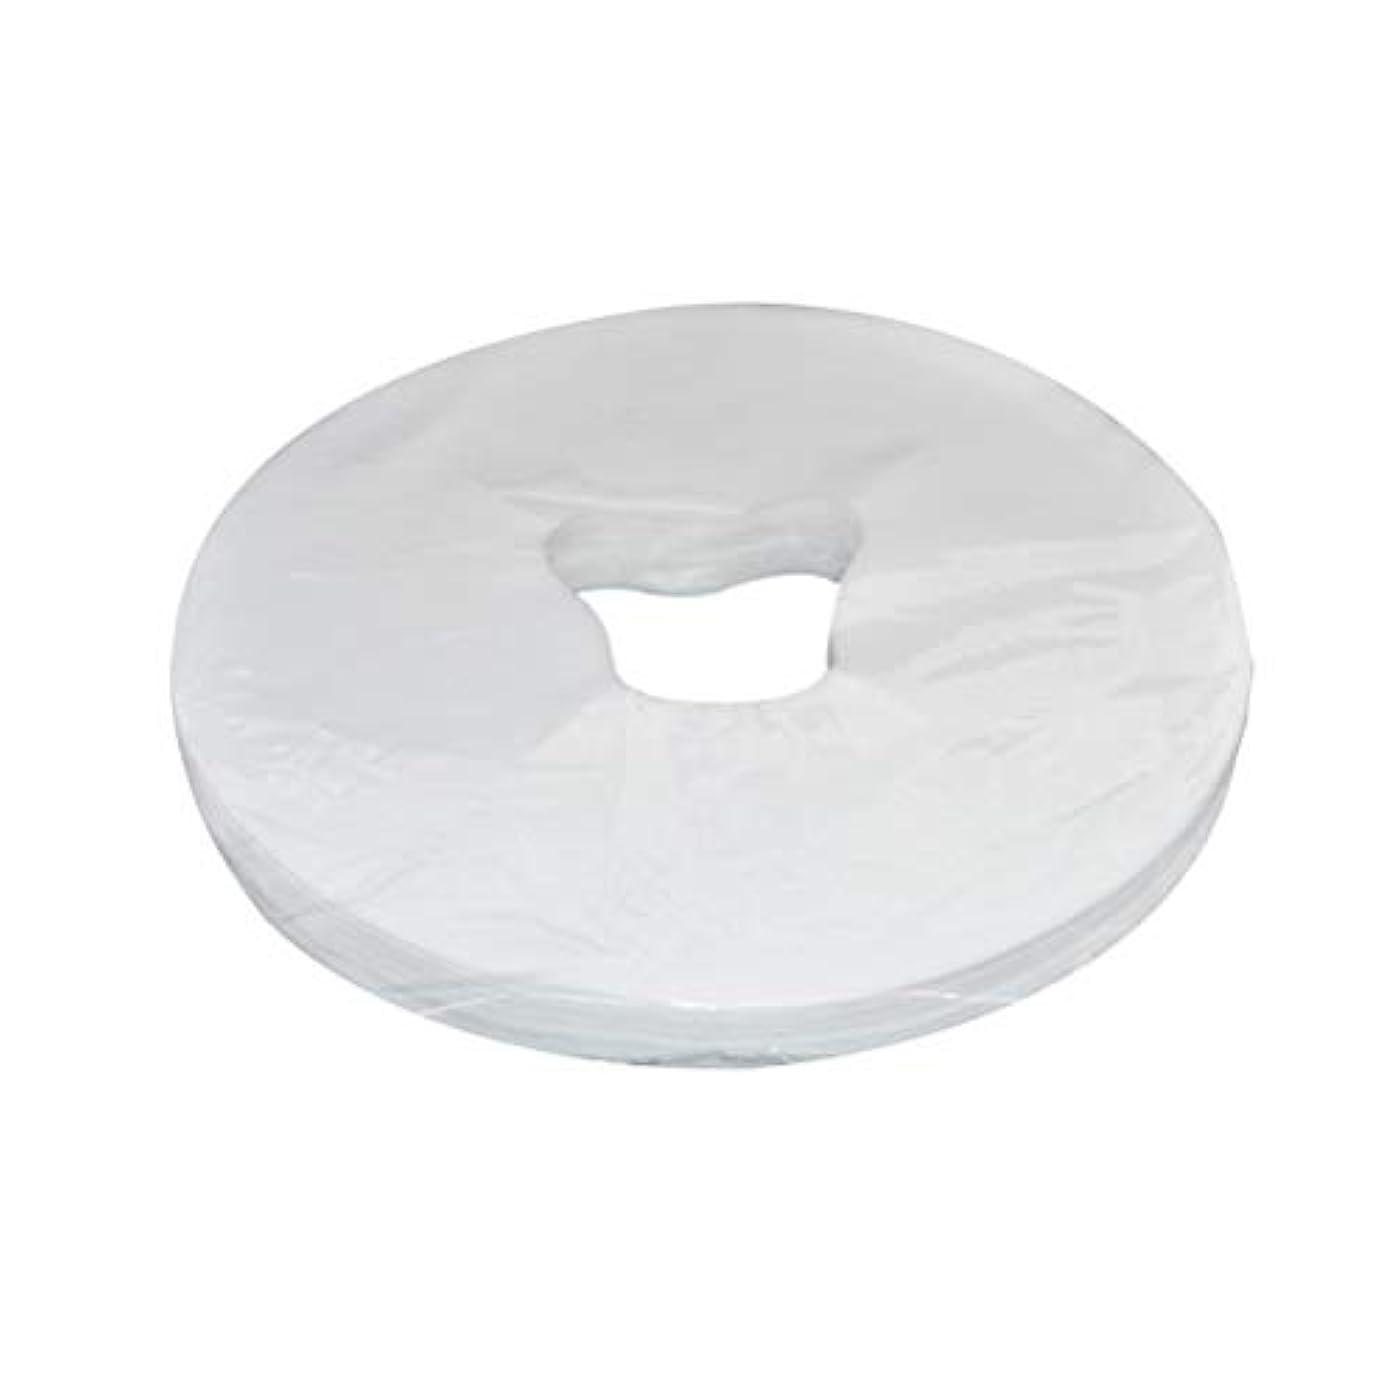 伸ばす同じかけるHealifty 100シート無織布巾 使い捨て マッサージフェイスピローカバー フェイスカバー ヘッドレストピローシート(ホワイト)